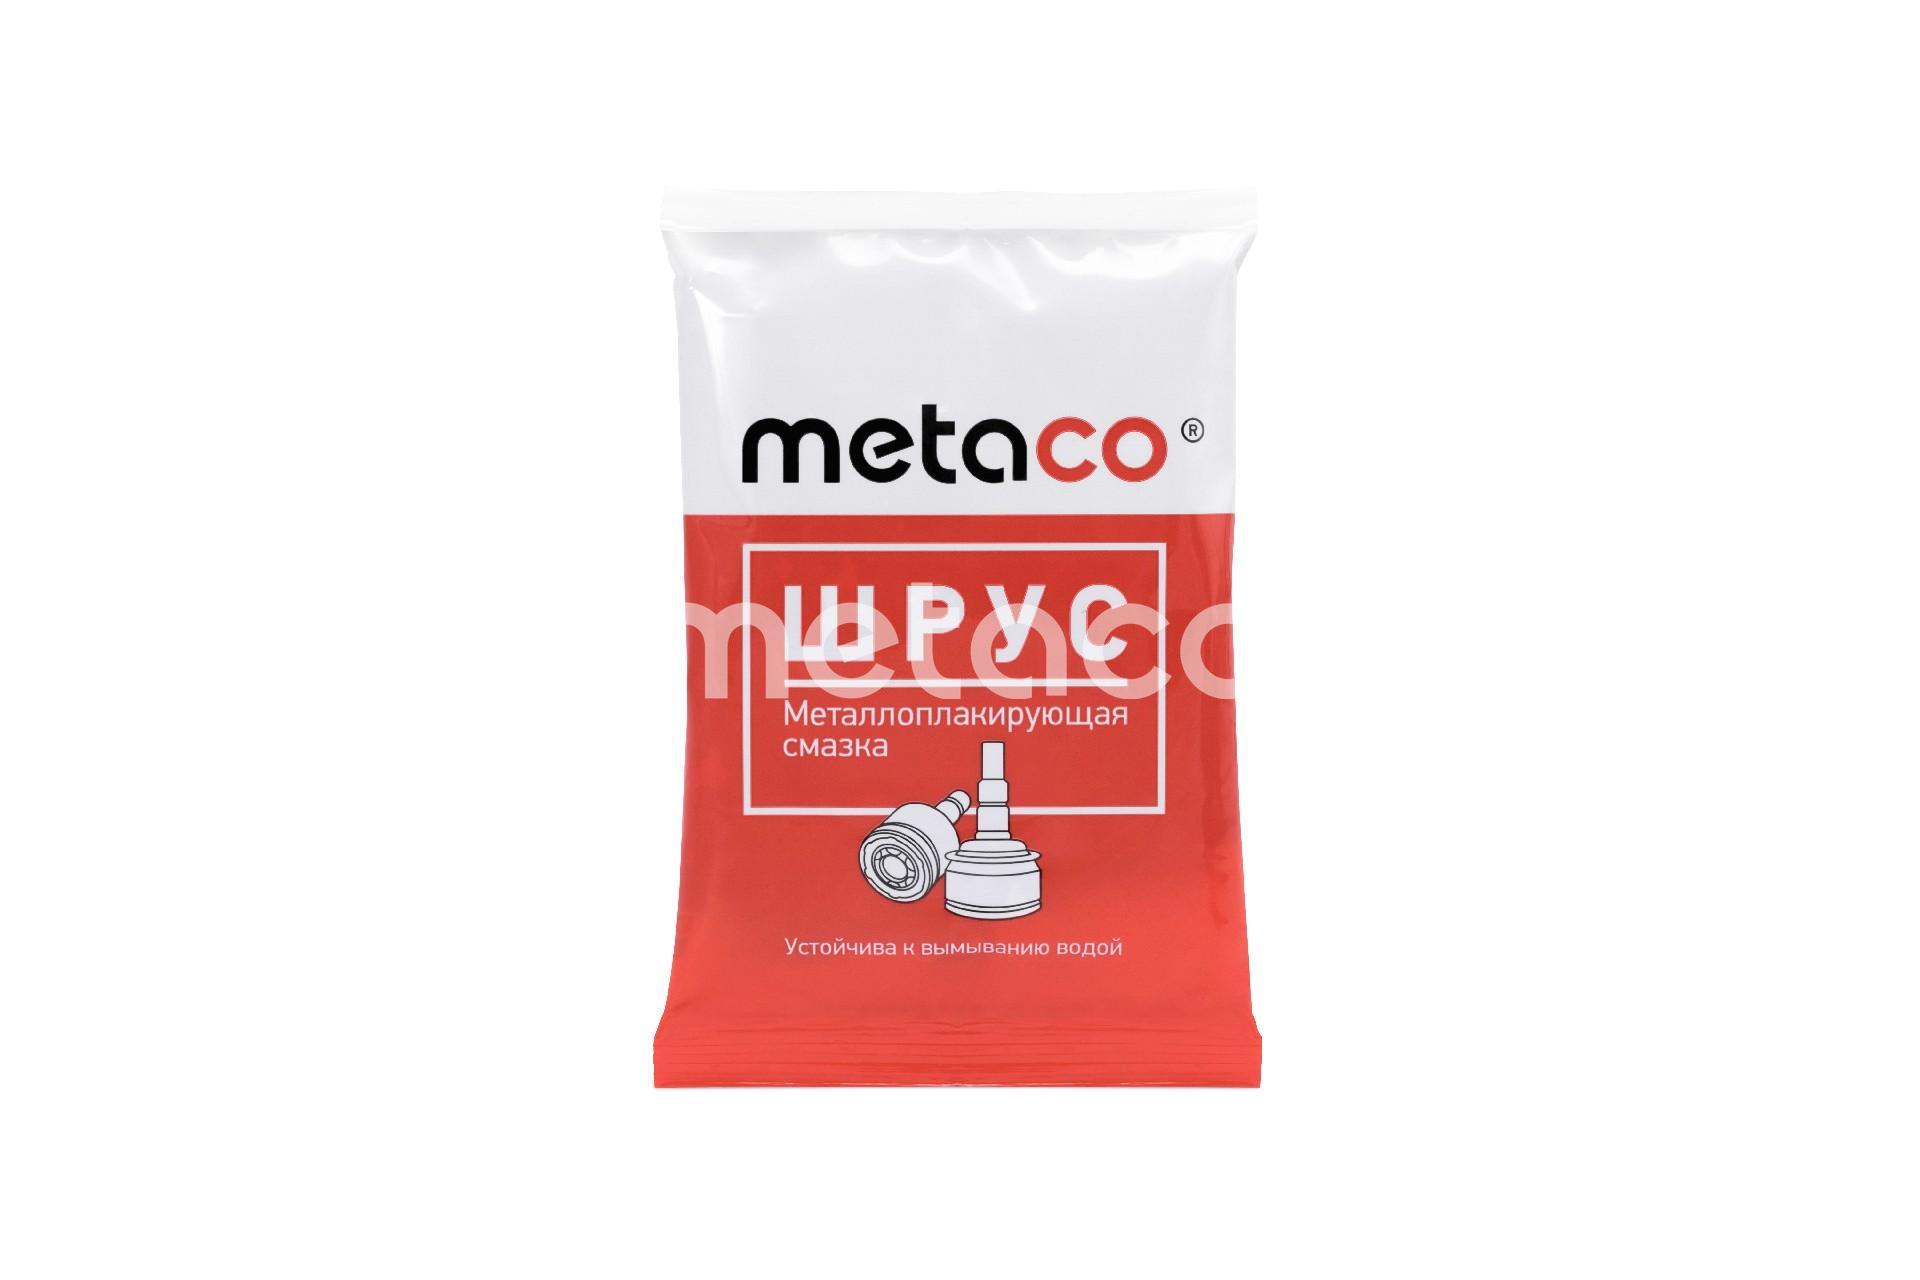 Metaco 10001-080